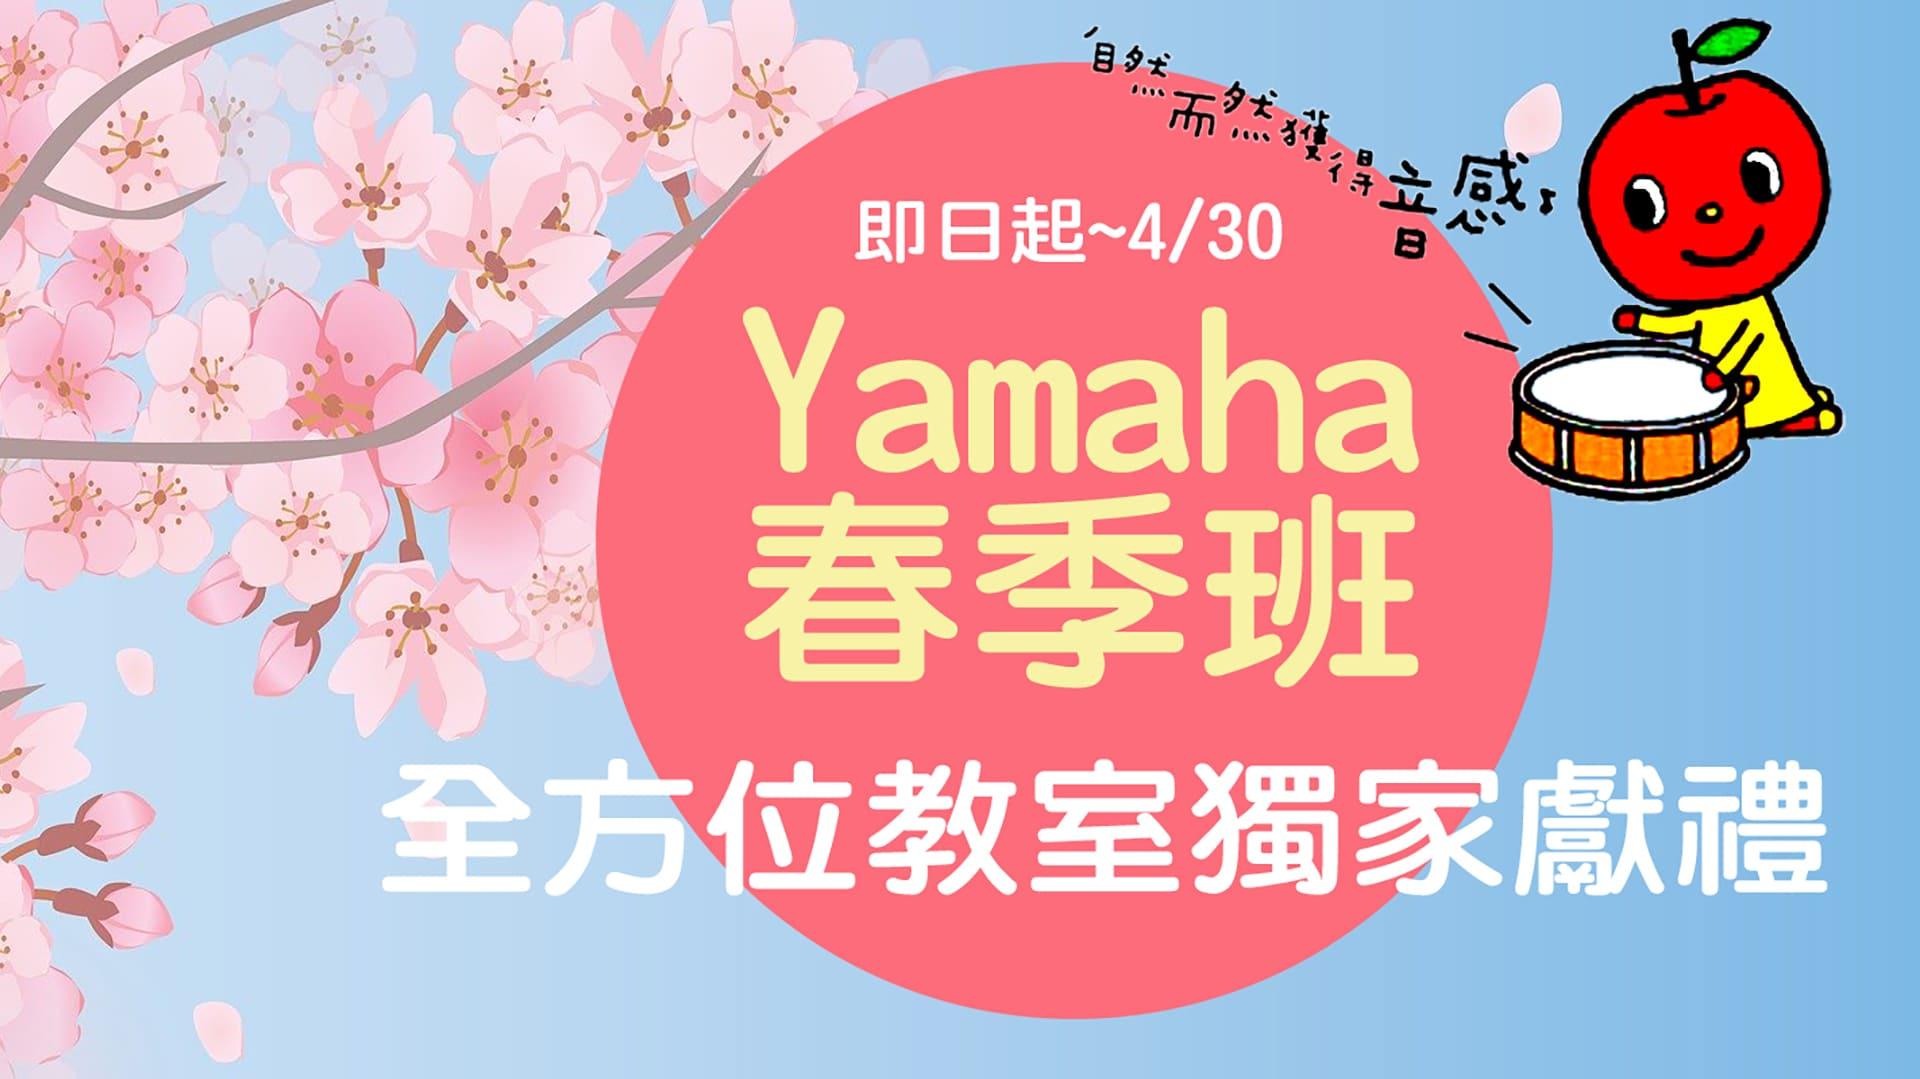 2020 YAMAHA音樂教室 春季班招生中